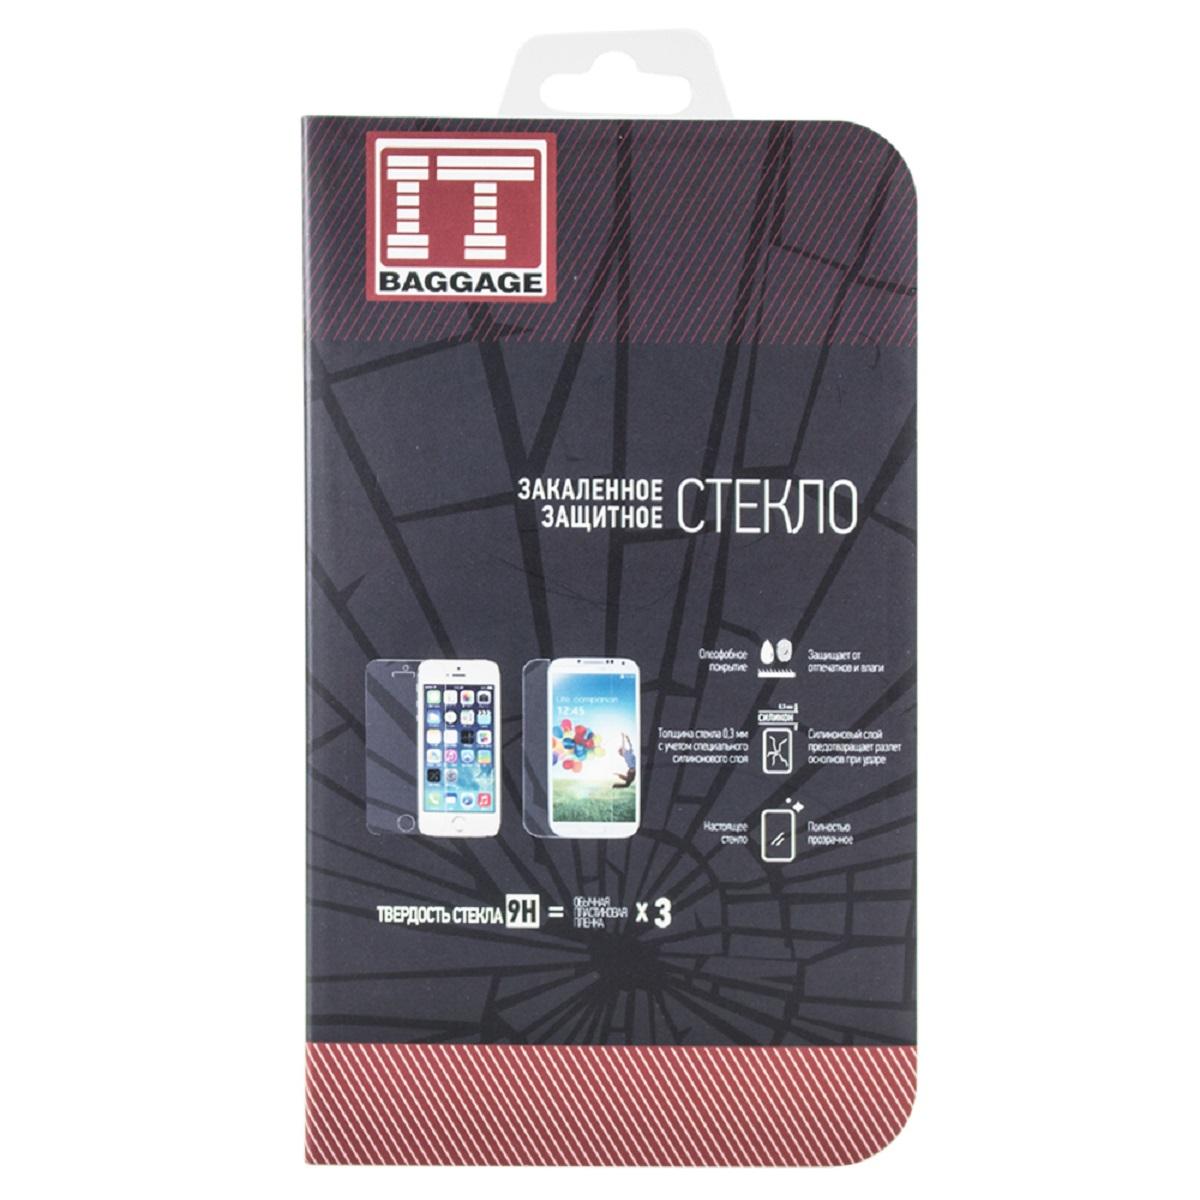 IT Baggage защитное стекло для Meizu MX6ITMZMX6GЗакаленное стекло IT Baggage для Meizu MX6 - это самый верный способ защитить экран от повреждений и загрязнений. Обладает высочайшим уровнем прозрачности и совершенно не влияет на отклик экранного сенсора и качество изображения. Препятствует появлению отпечатков и пятен. Удалить следы жира и косметики с поверхности аксессуара не составить ни какого труда. Характеристики защитного стекла делают его износостойким к таким механическим повреждениям, как царапины, сколы, потертости. При сильном ударе разбившееся стекло не разлетается на осколки, предохраняя вас от порезов, а экран устройства от повреждений. После снятия защитного стекла с поверхности дисплея, на нем не остаются повреждения, такие как потертости и царапины.